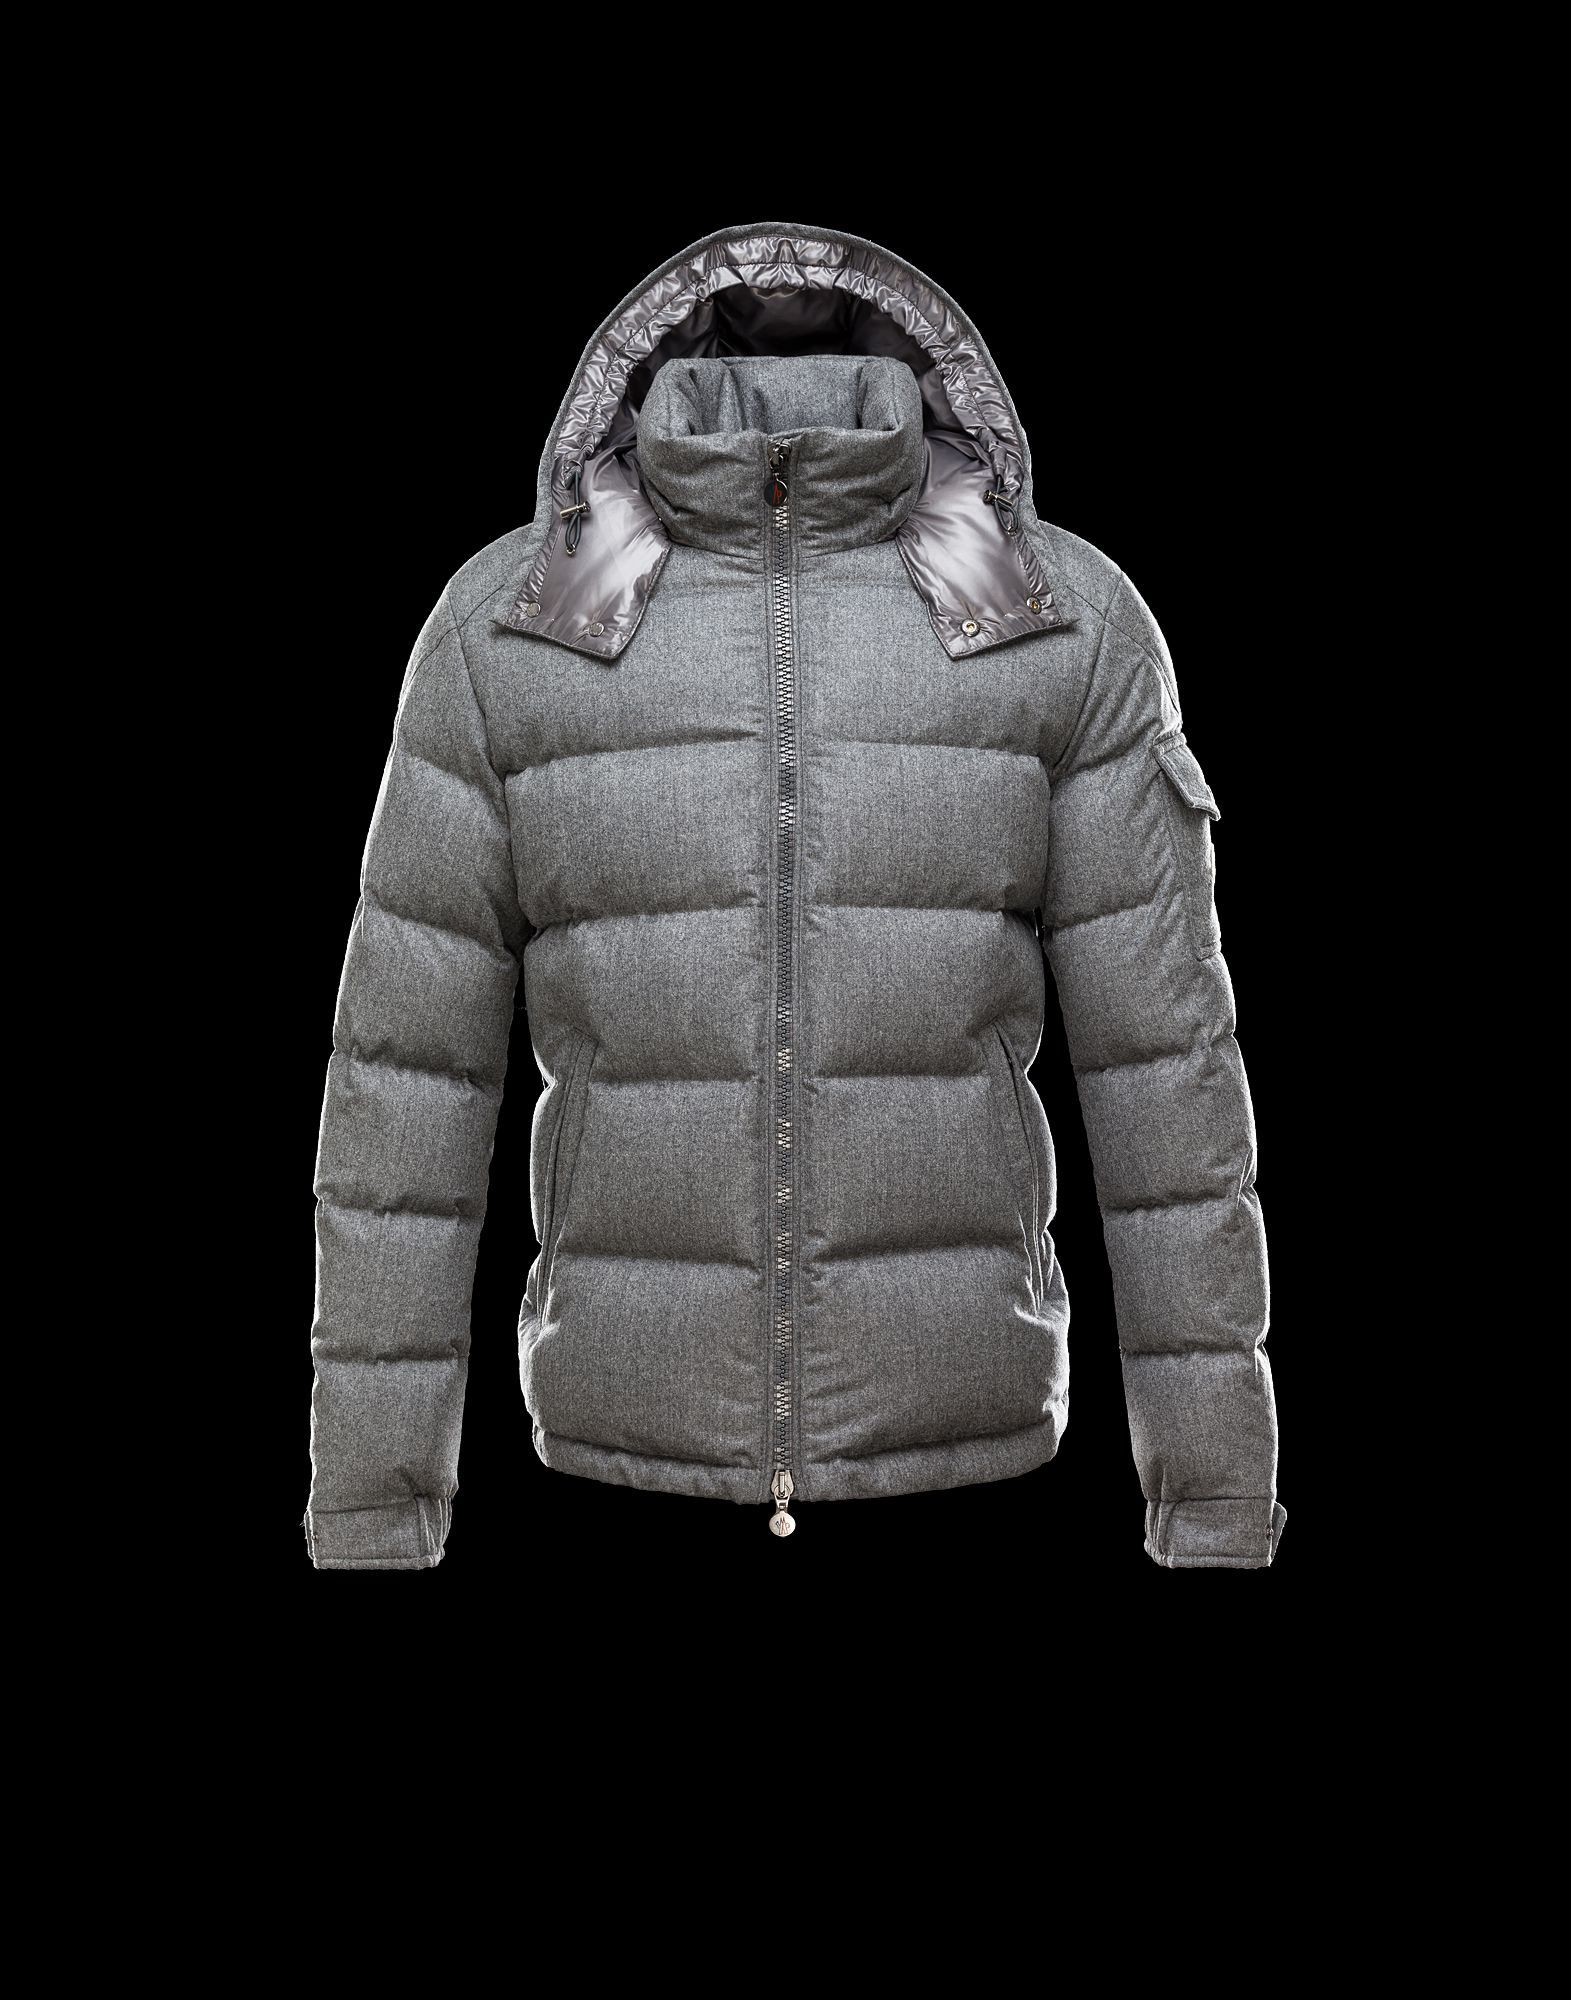 Montgenevre (With images) Moncler jacket, Moncler jacket